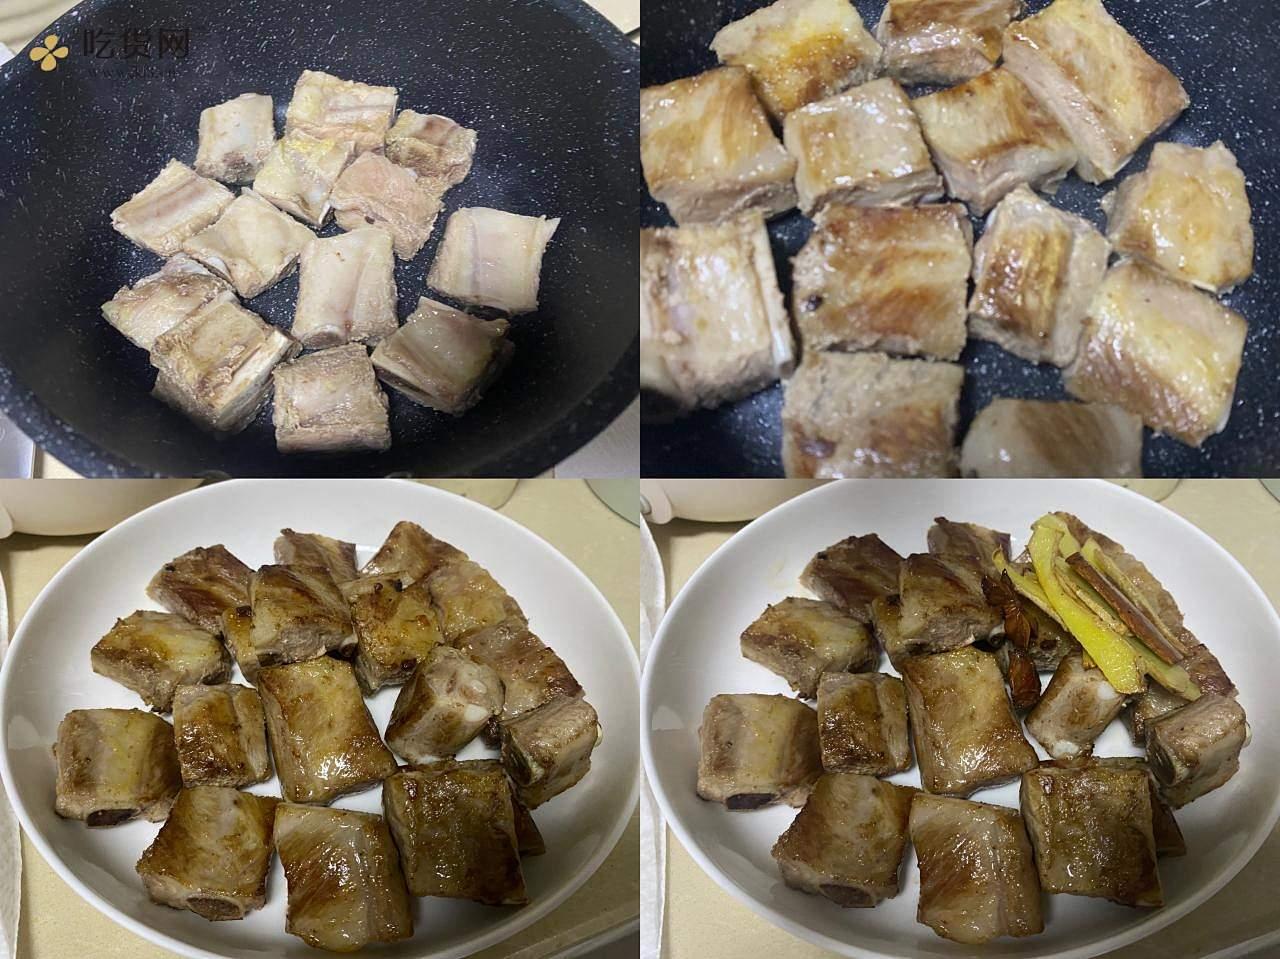 百香果烧排骨(果香版糖醋排骨)的做法 步骤2